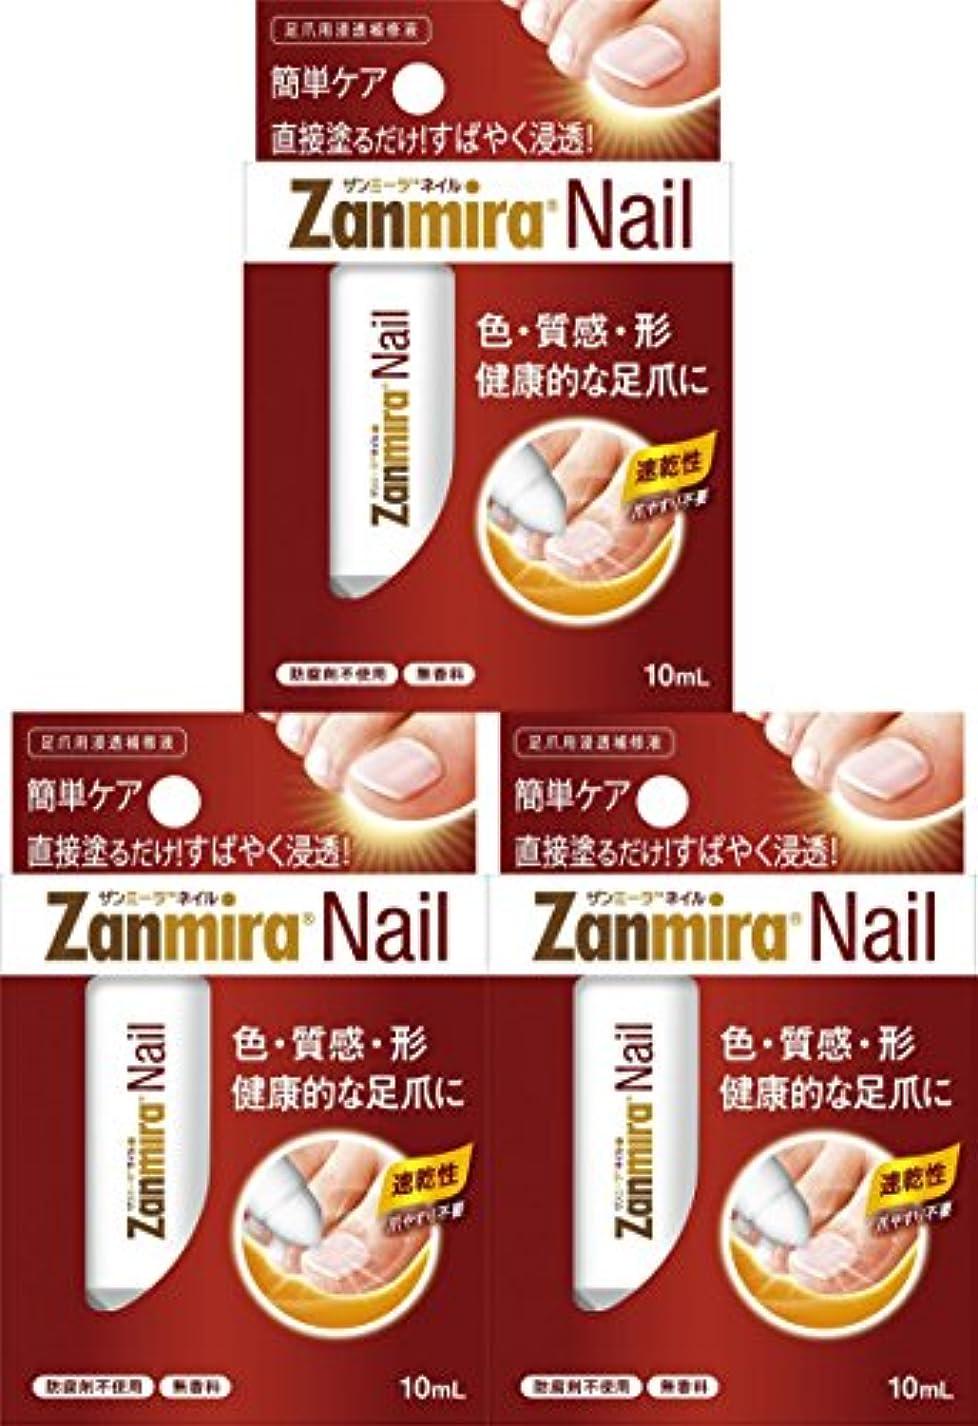 温室縮約窒息させる【3個セット】ザンミーラ ネイル Zanmira Nail 10ml 足爪用浸透補修液